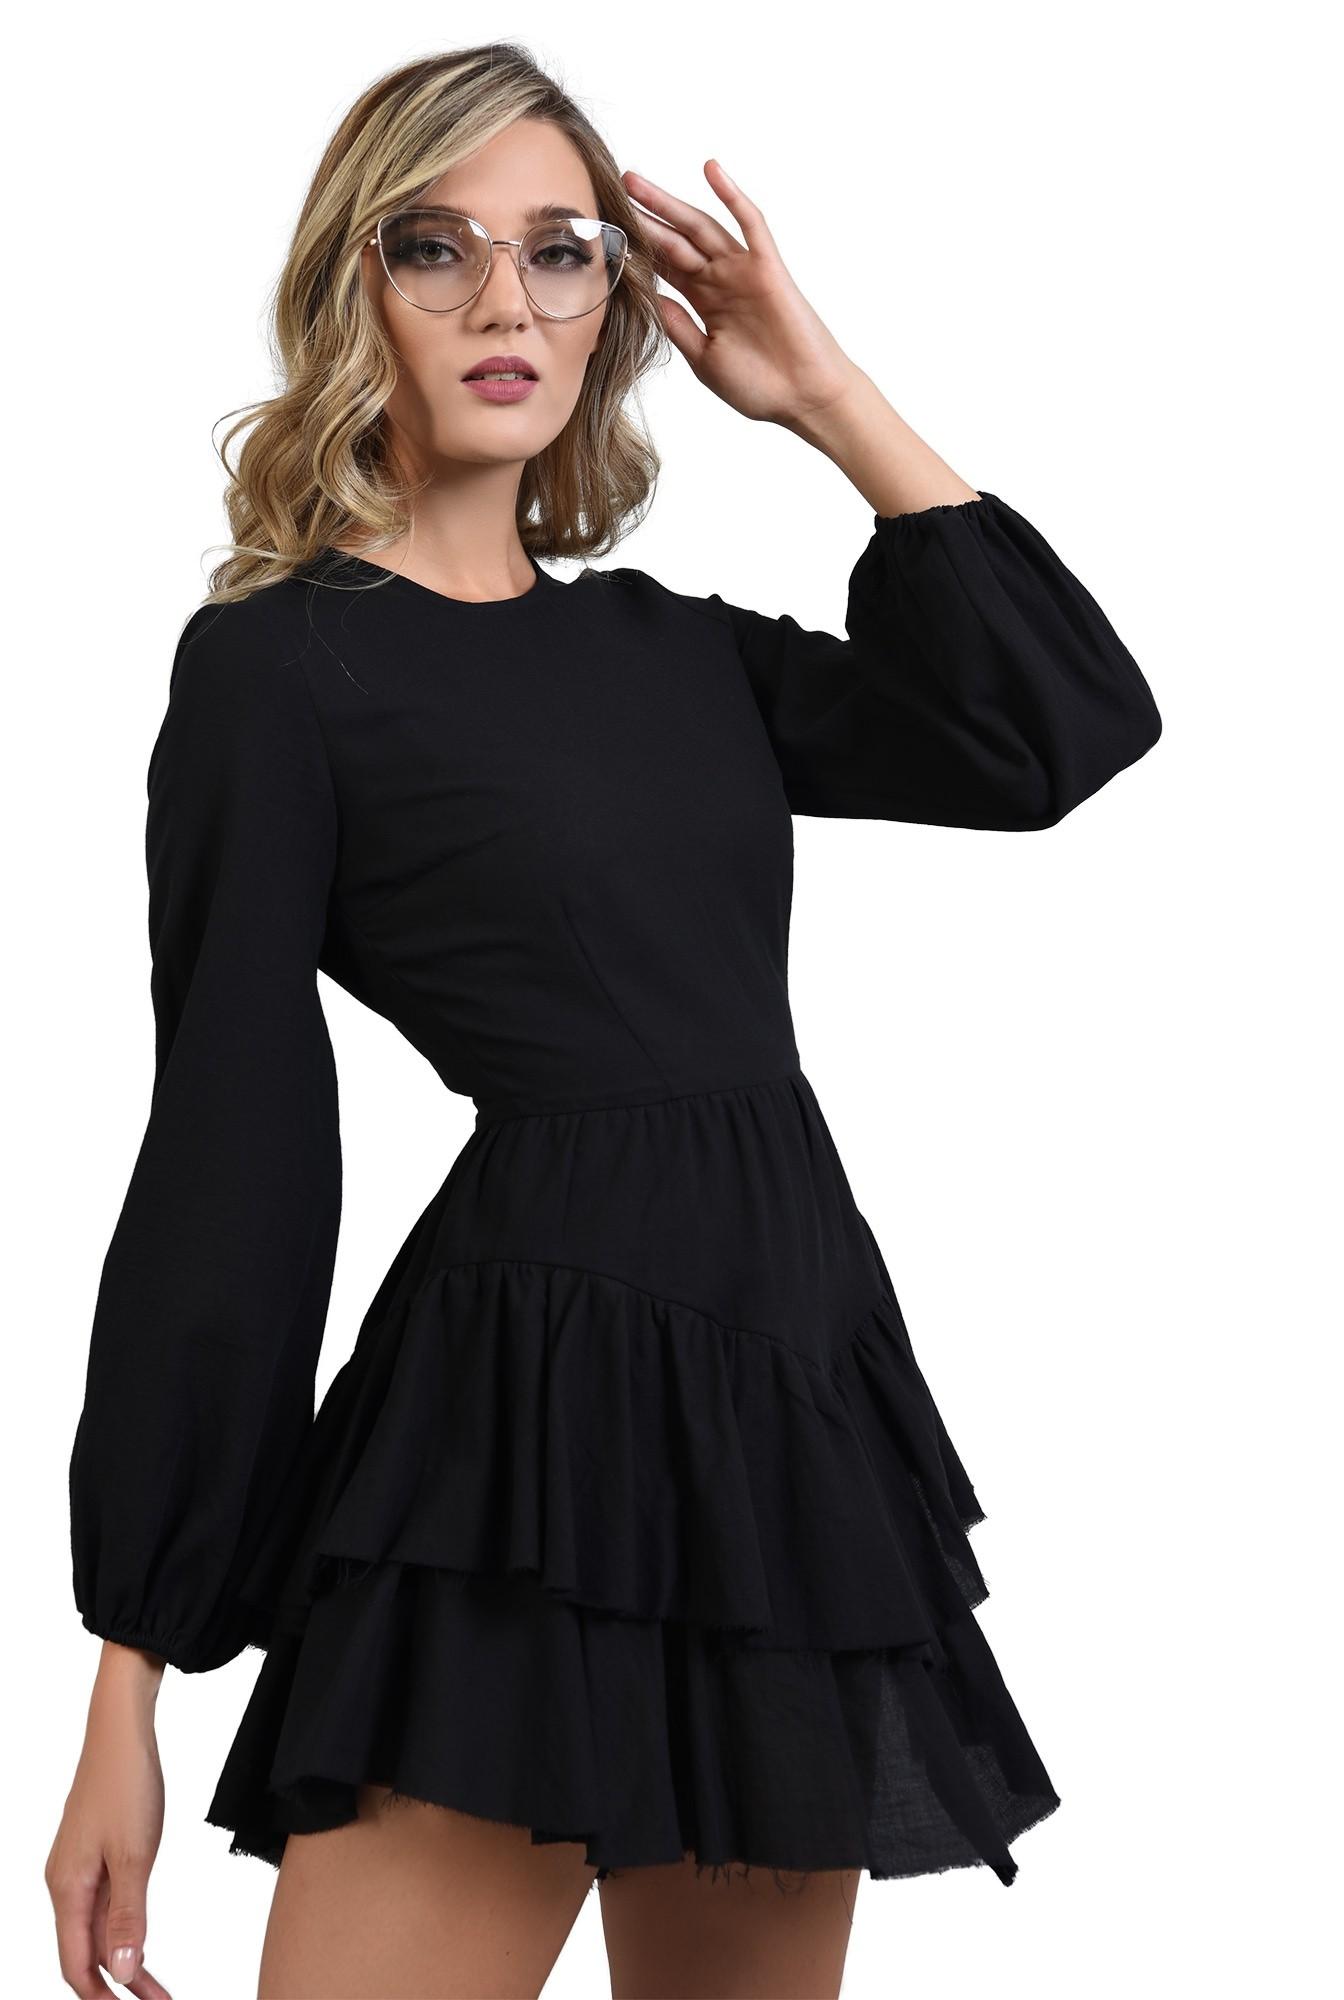 3 - rochie neagra cu volane, maneci bufante, Poema